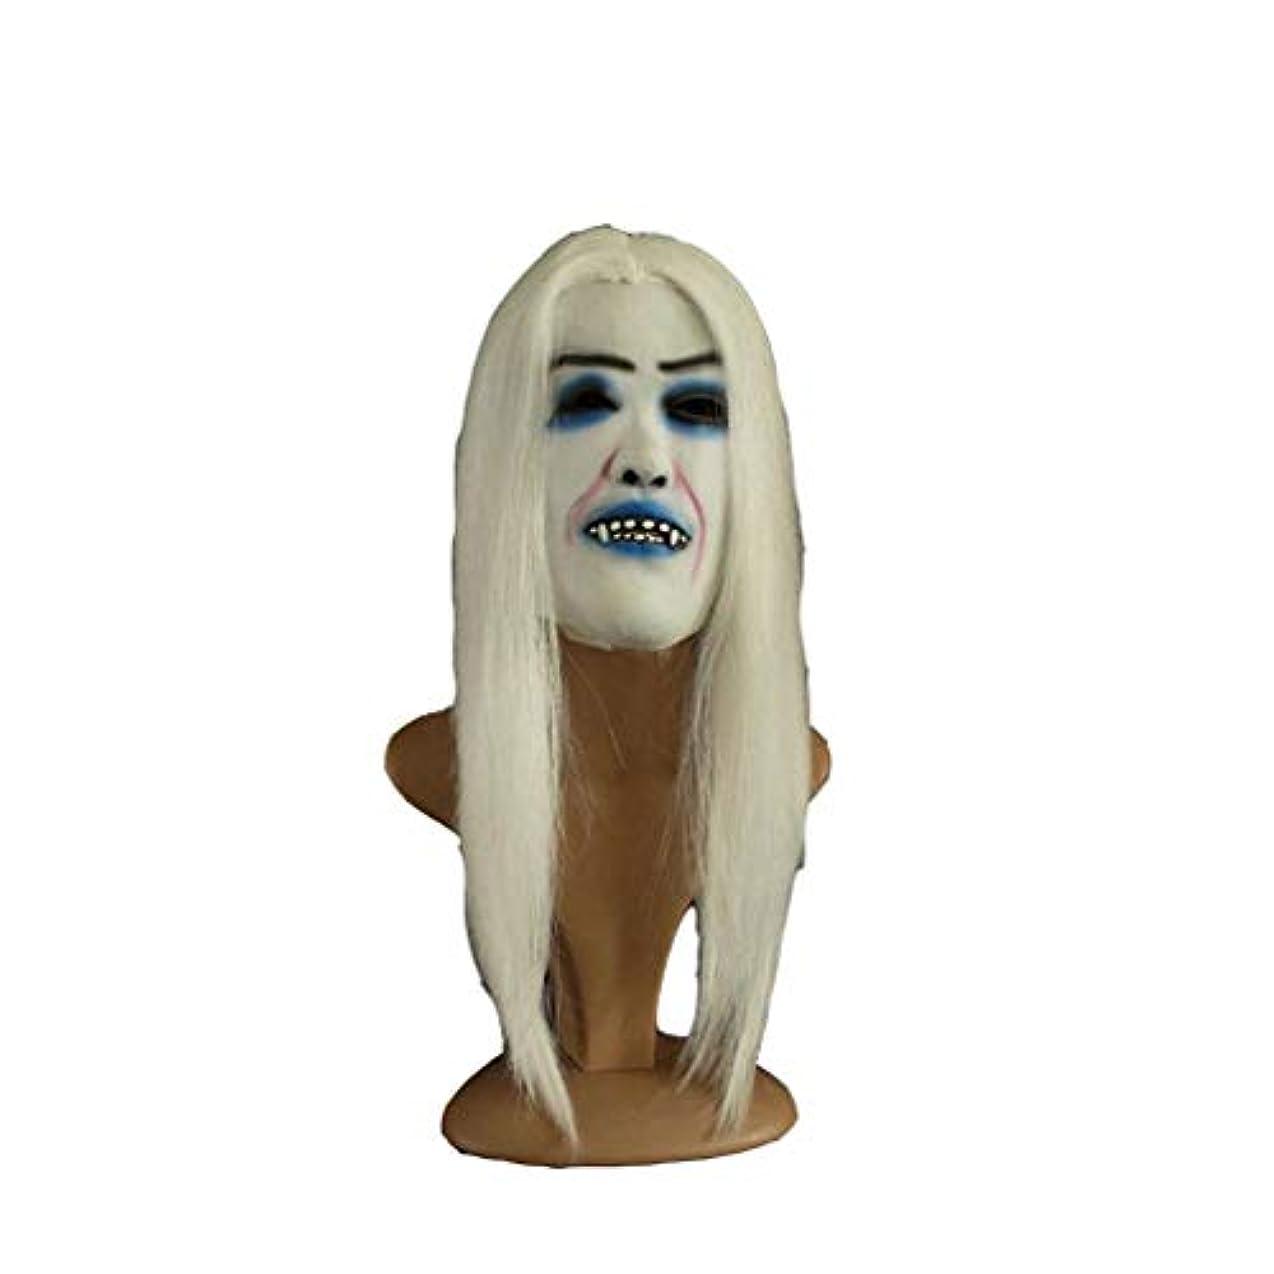 微妙予測カレッジハロウィンホラーマスク、白の顔をしかめたかつらコスプレ怖い吸血鬼のかつら22 * 21 cm髪の長さ67 cm